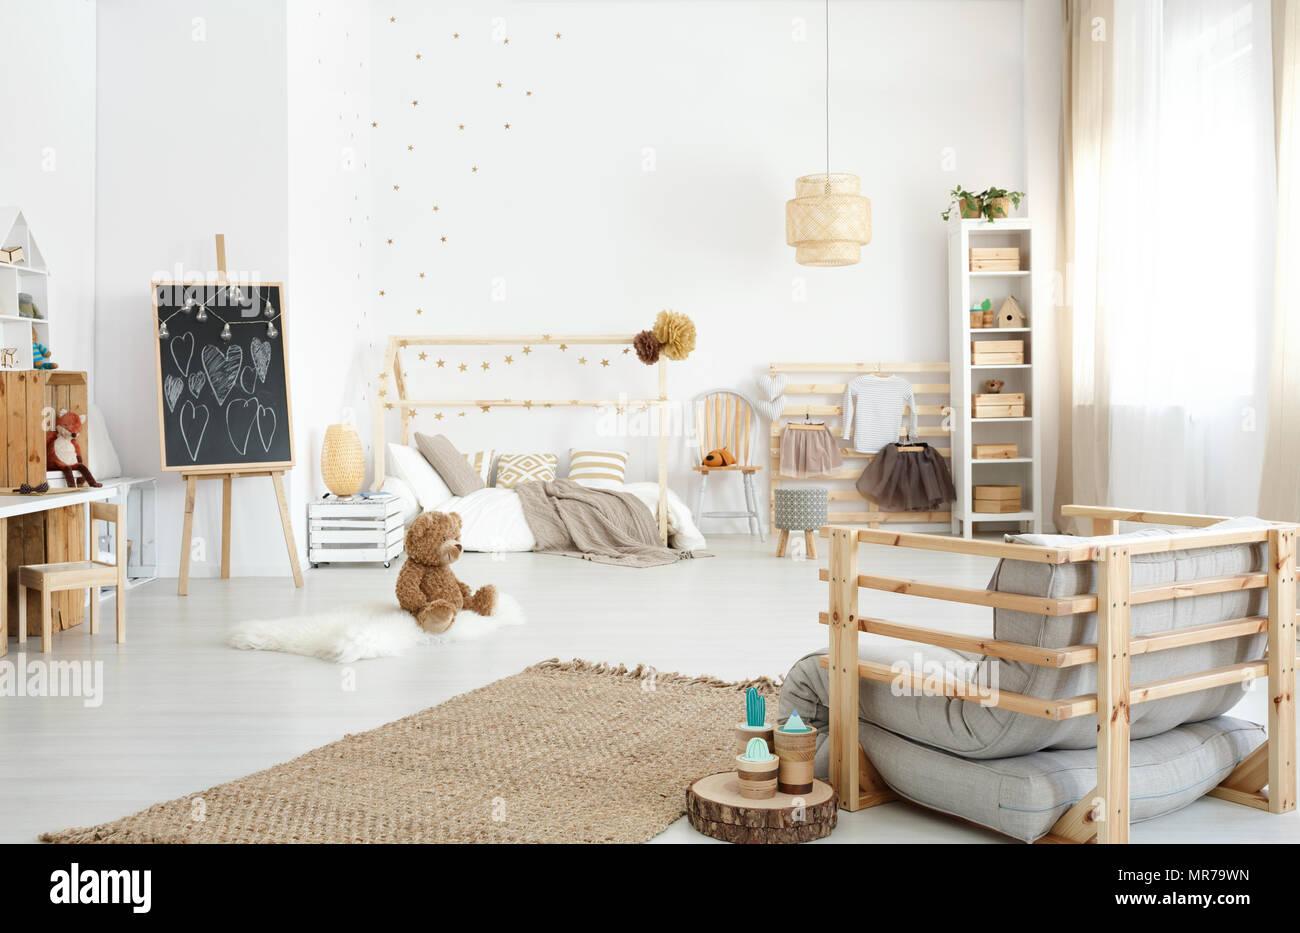 Interior Design Fai Da Te interior design of kid's stock photos & interior design of